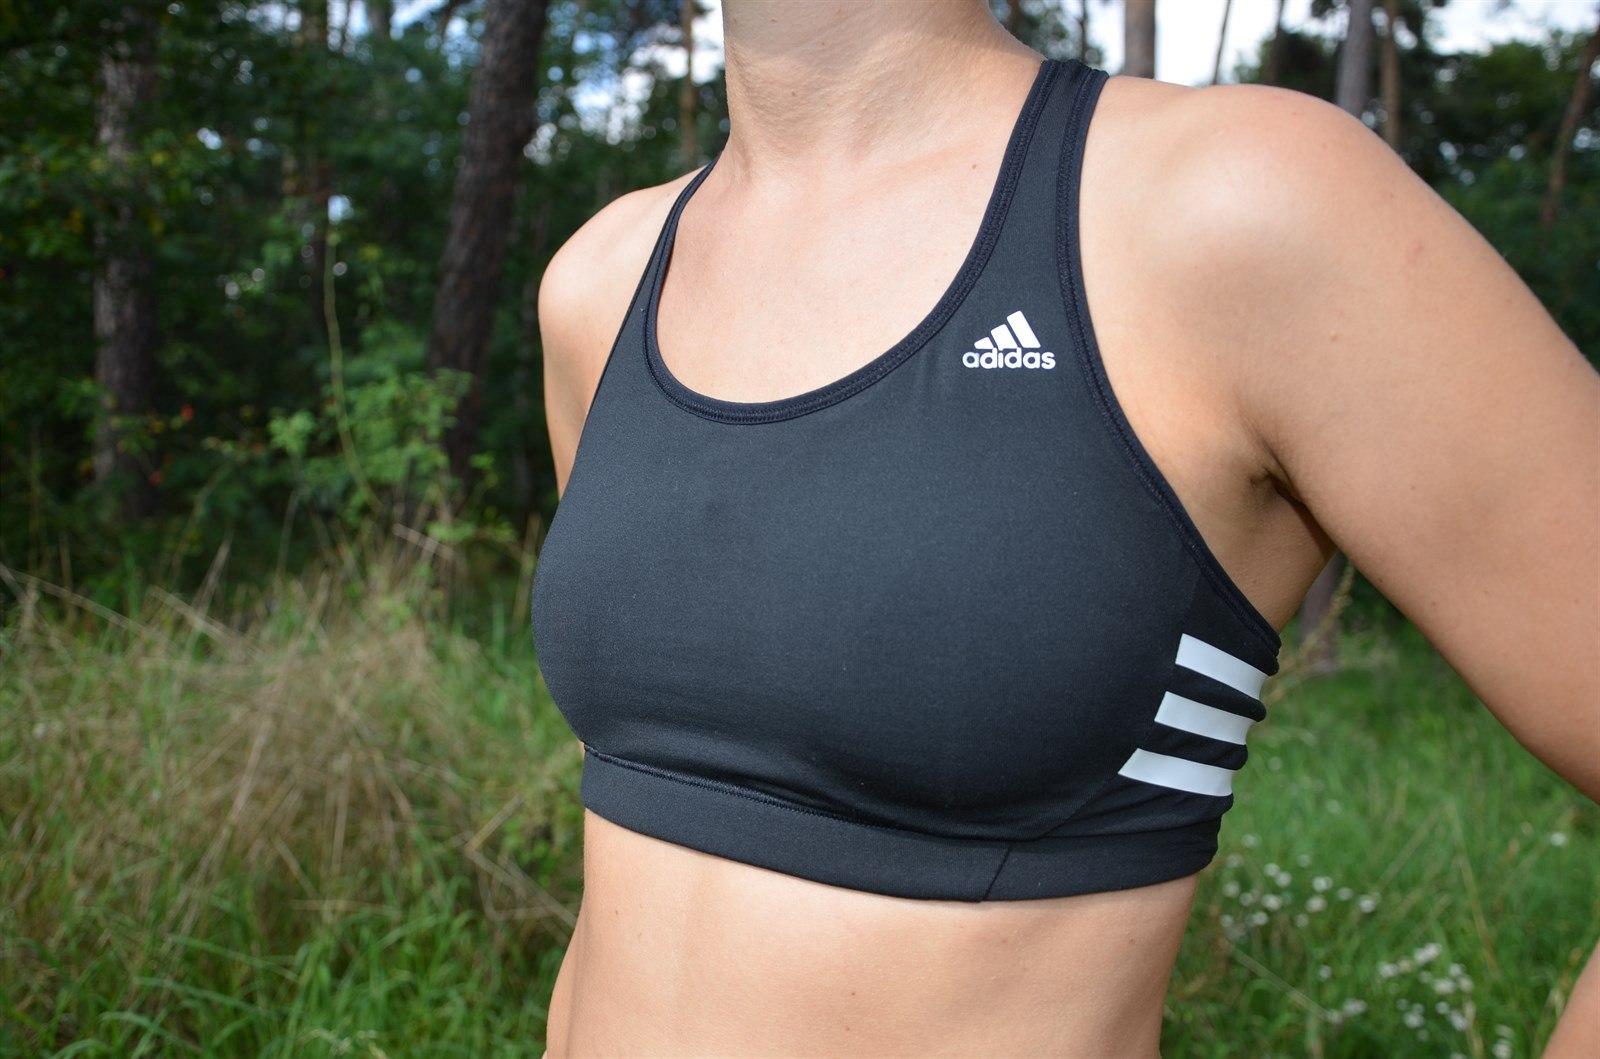 1a178e6c551 Podprsenka adidas snoubí pohodlí i ženskost a sport dohromady.